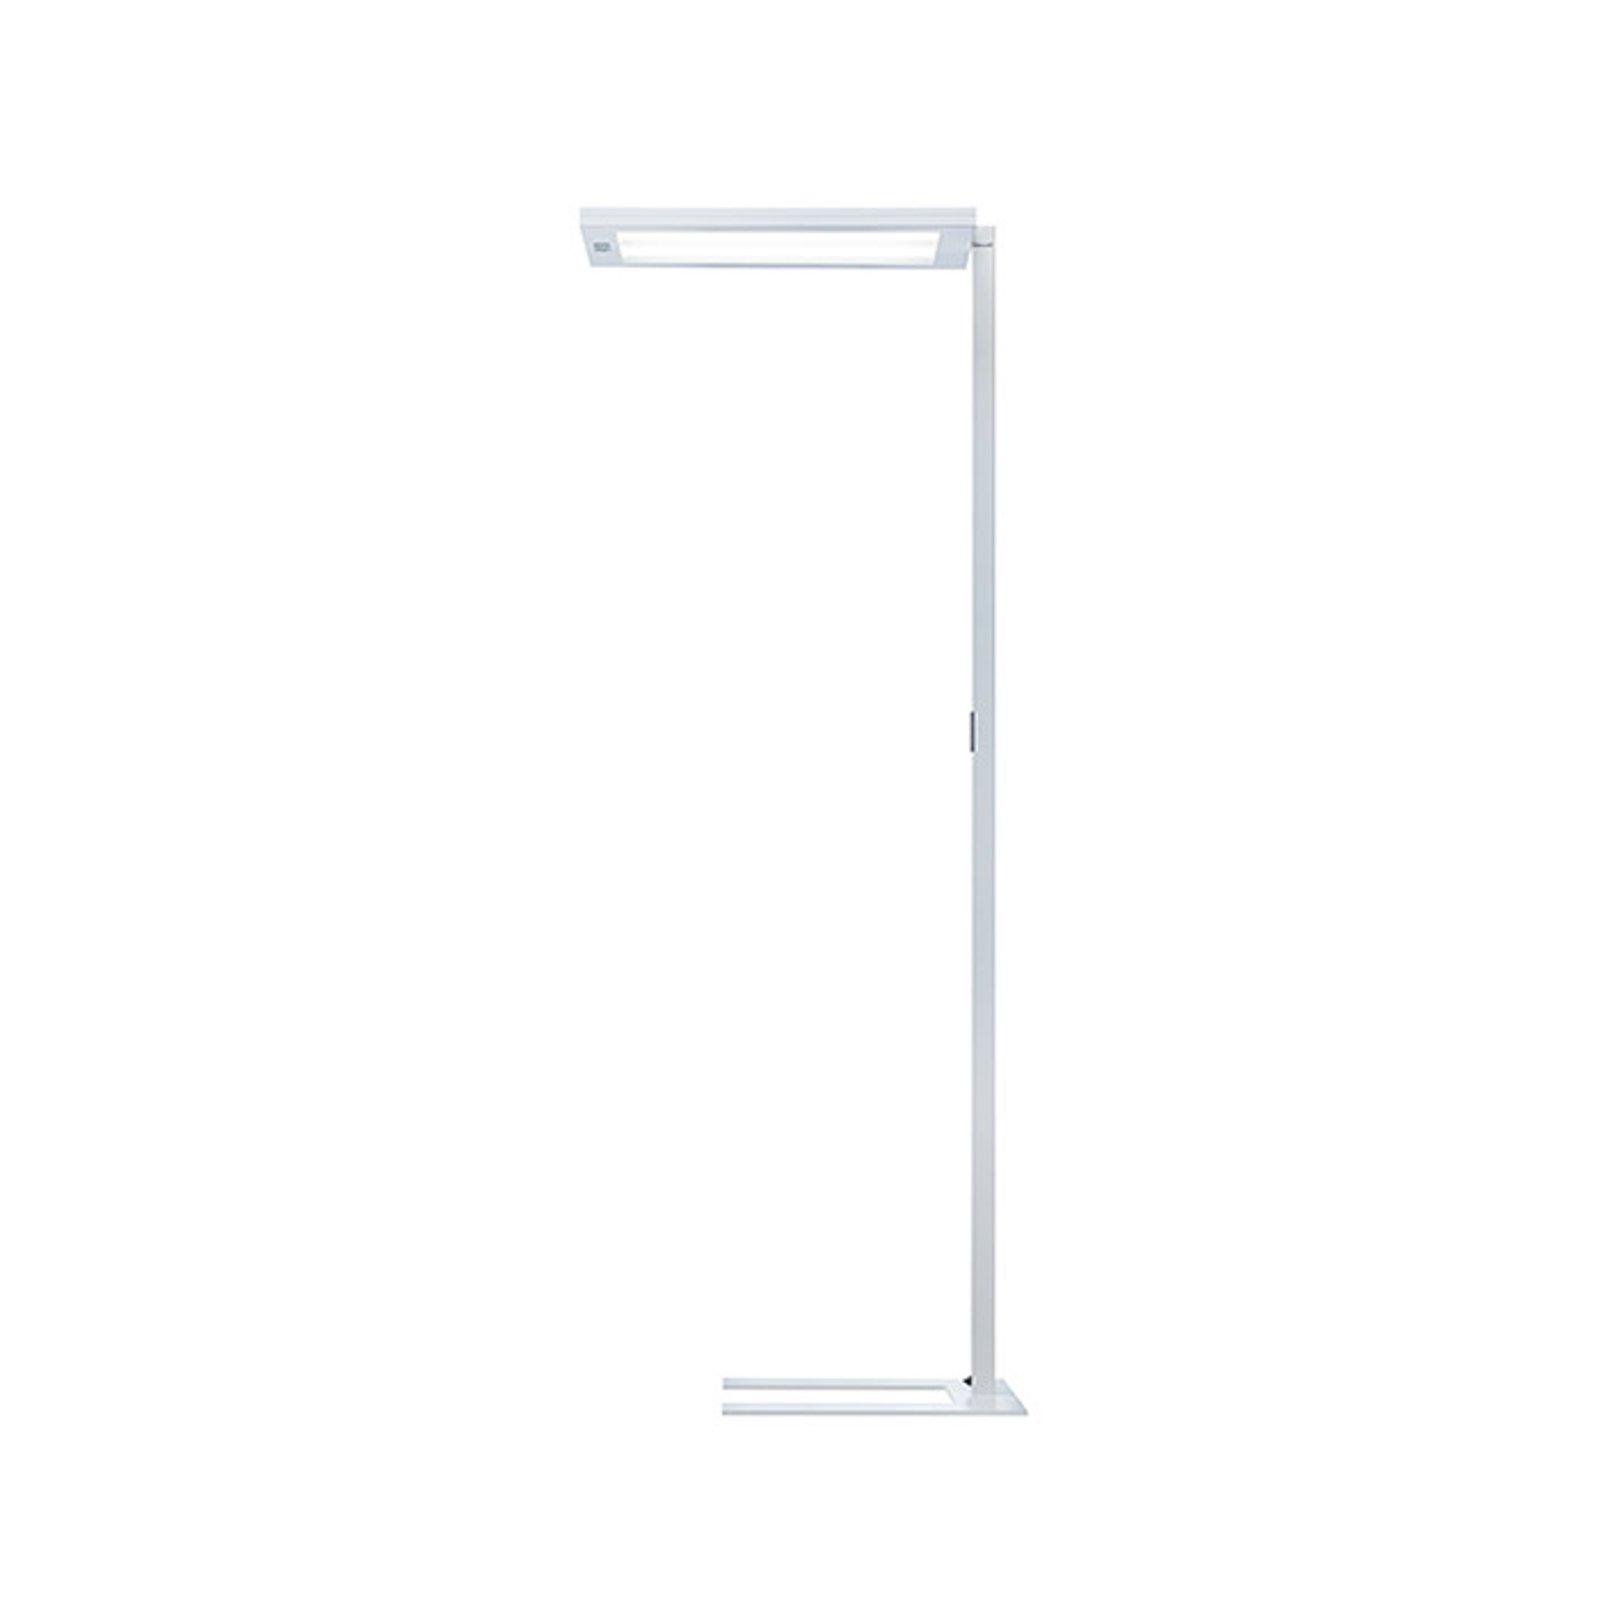 LED-gulvlampe Lavigo, DPS 16500/840/R/G2 hvit